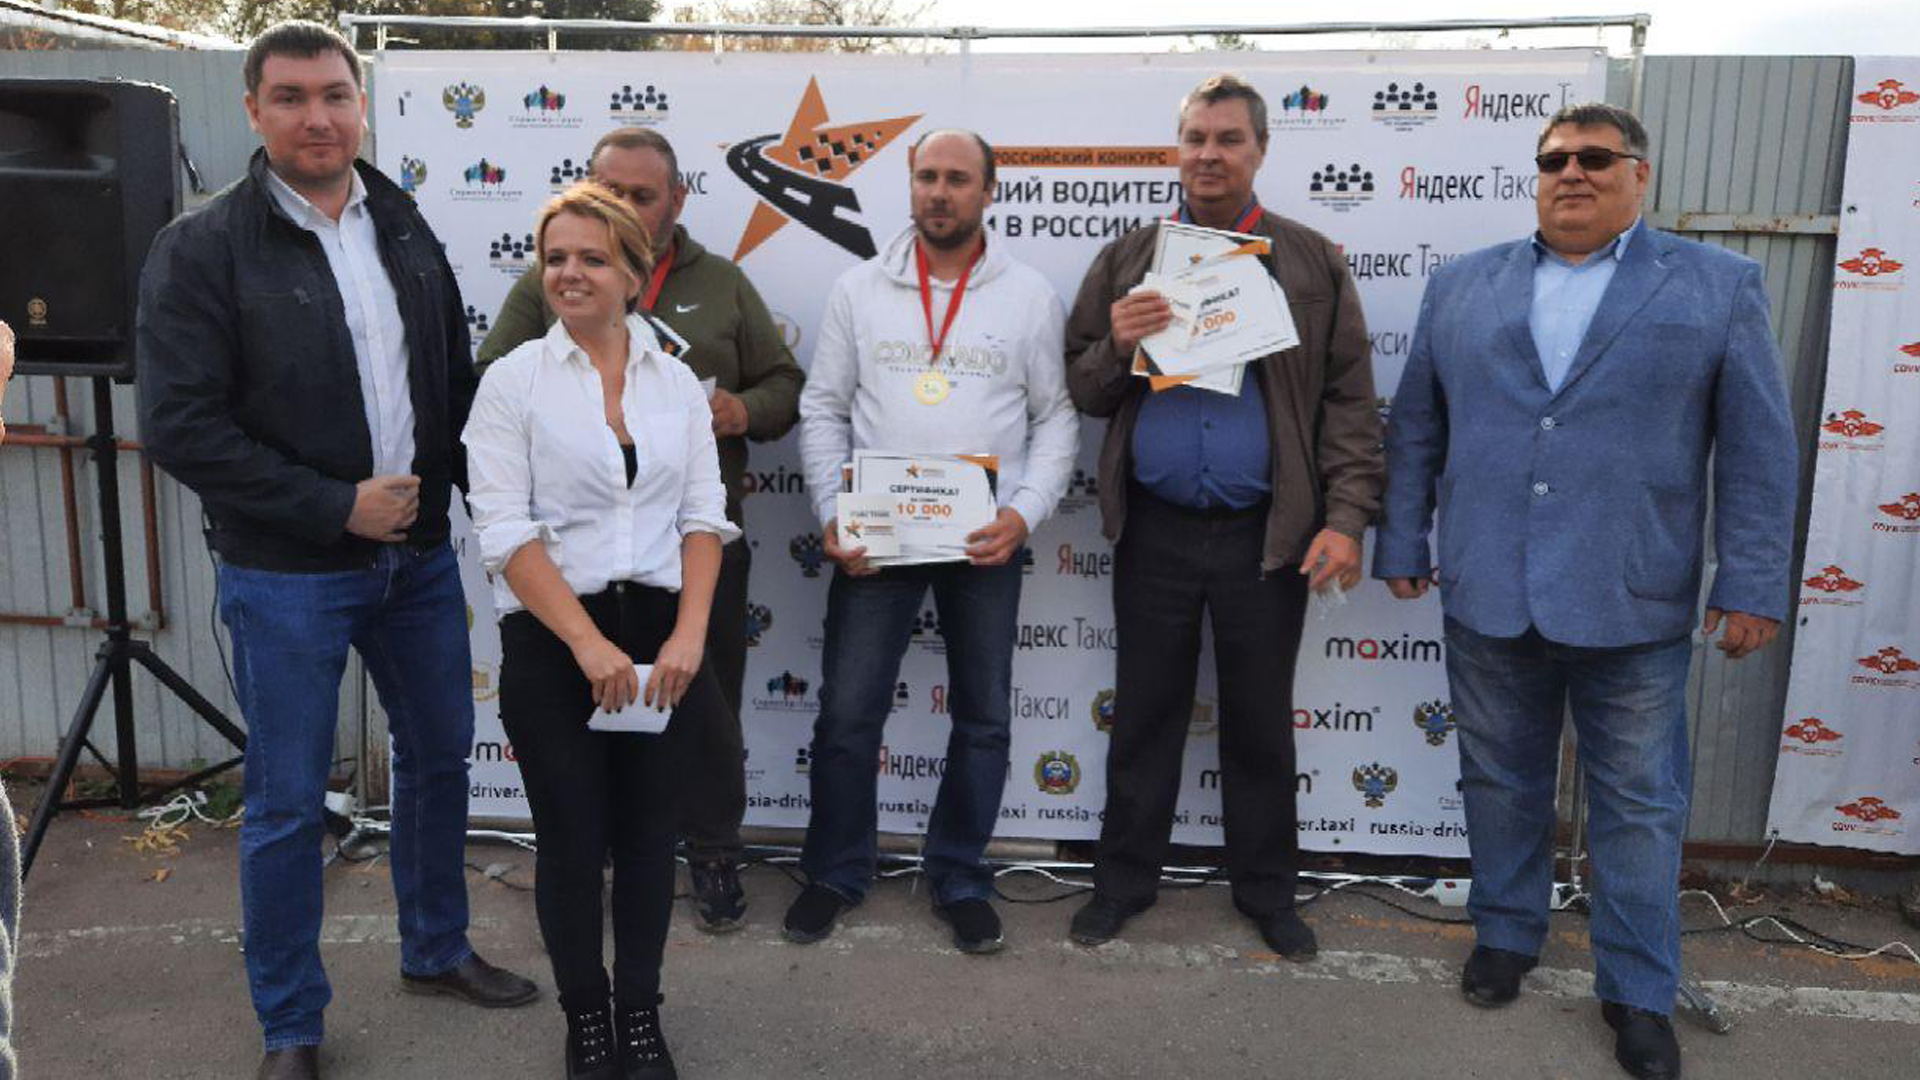 Роман Севастьянов представит Самарскую область на финале конкурса в Сочи